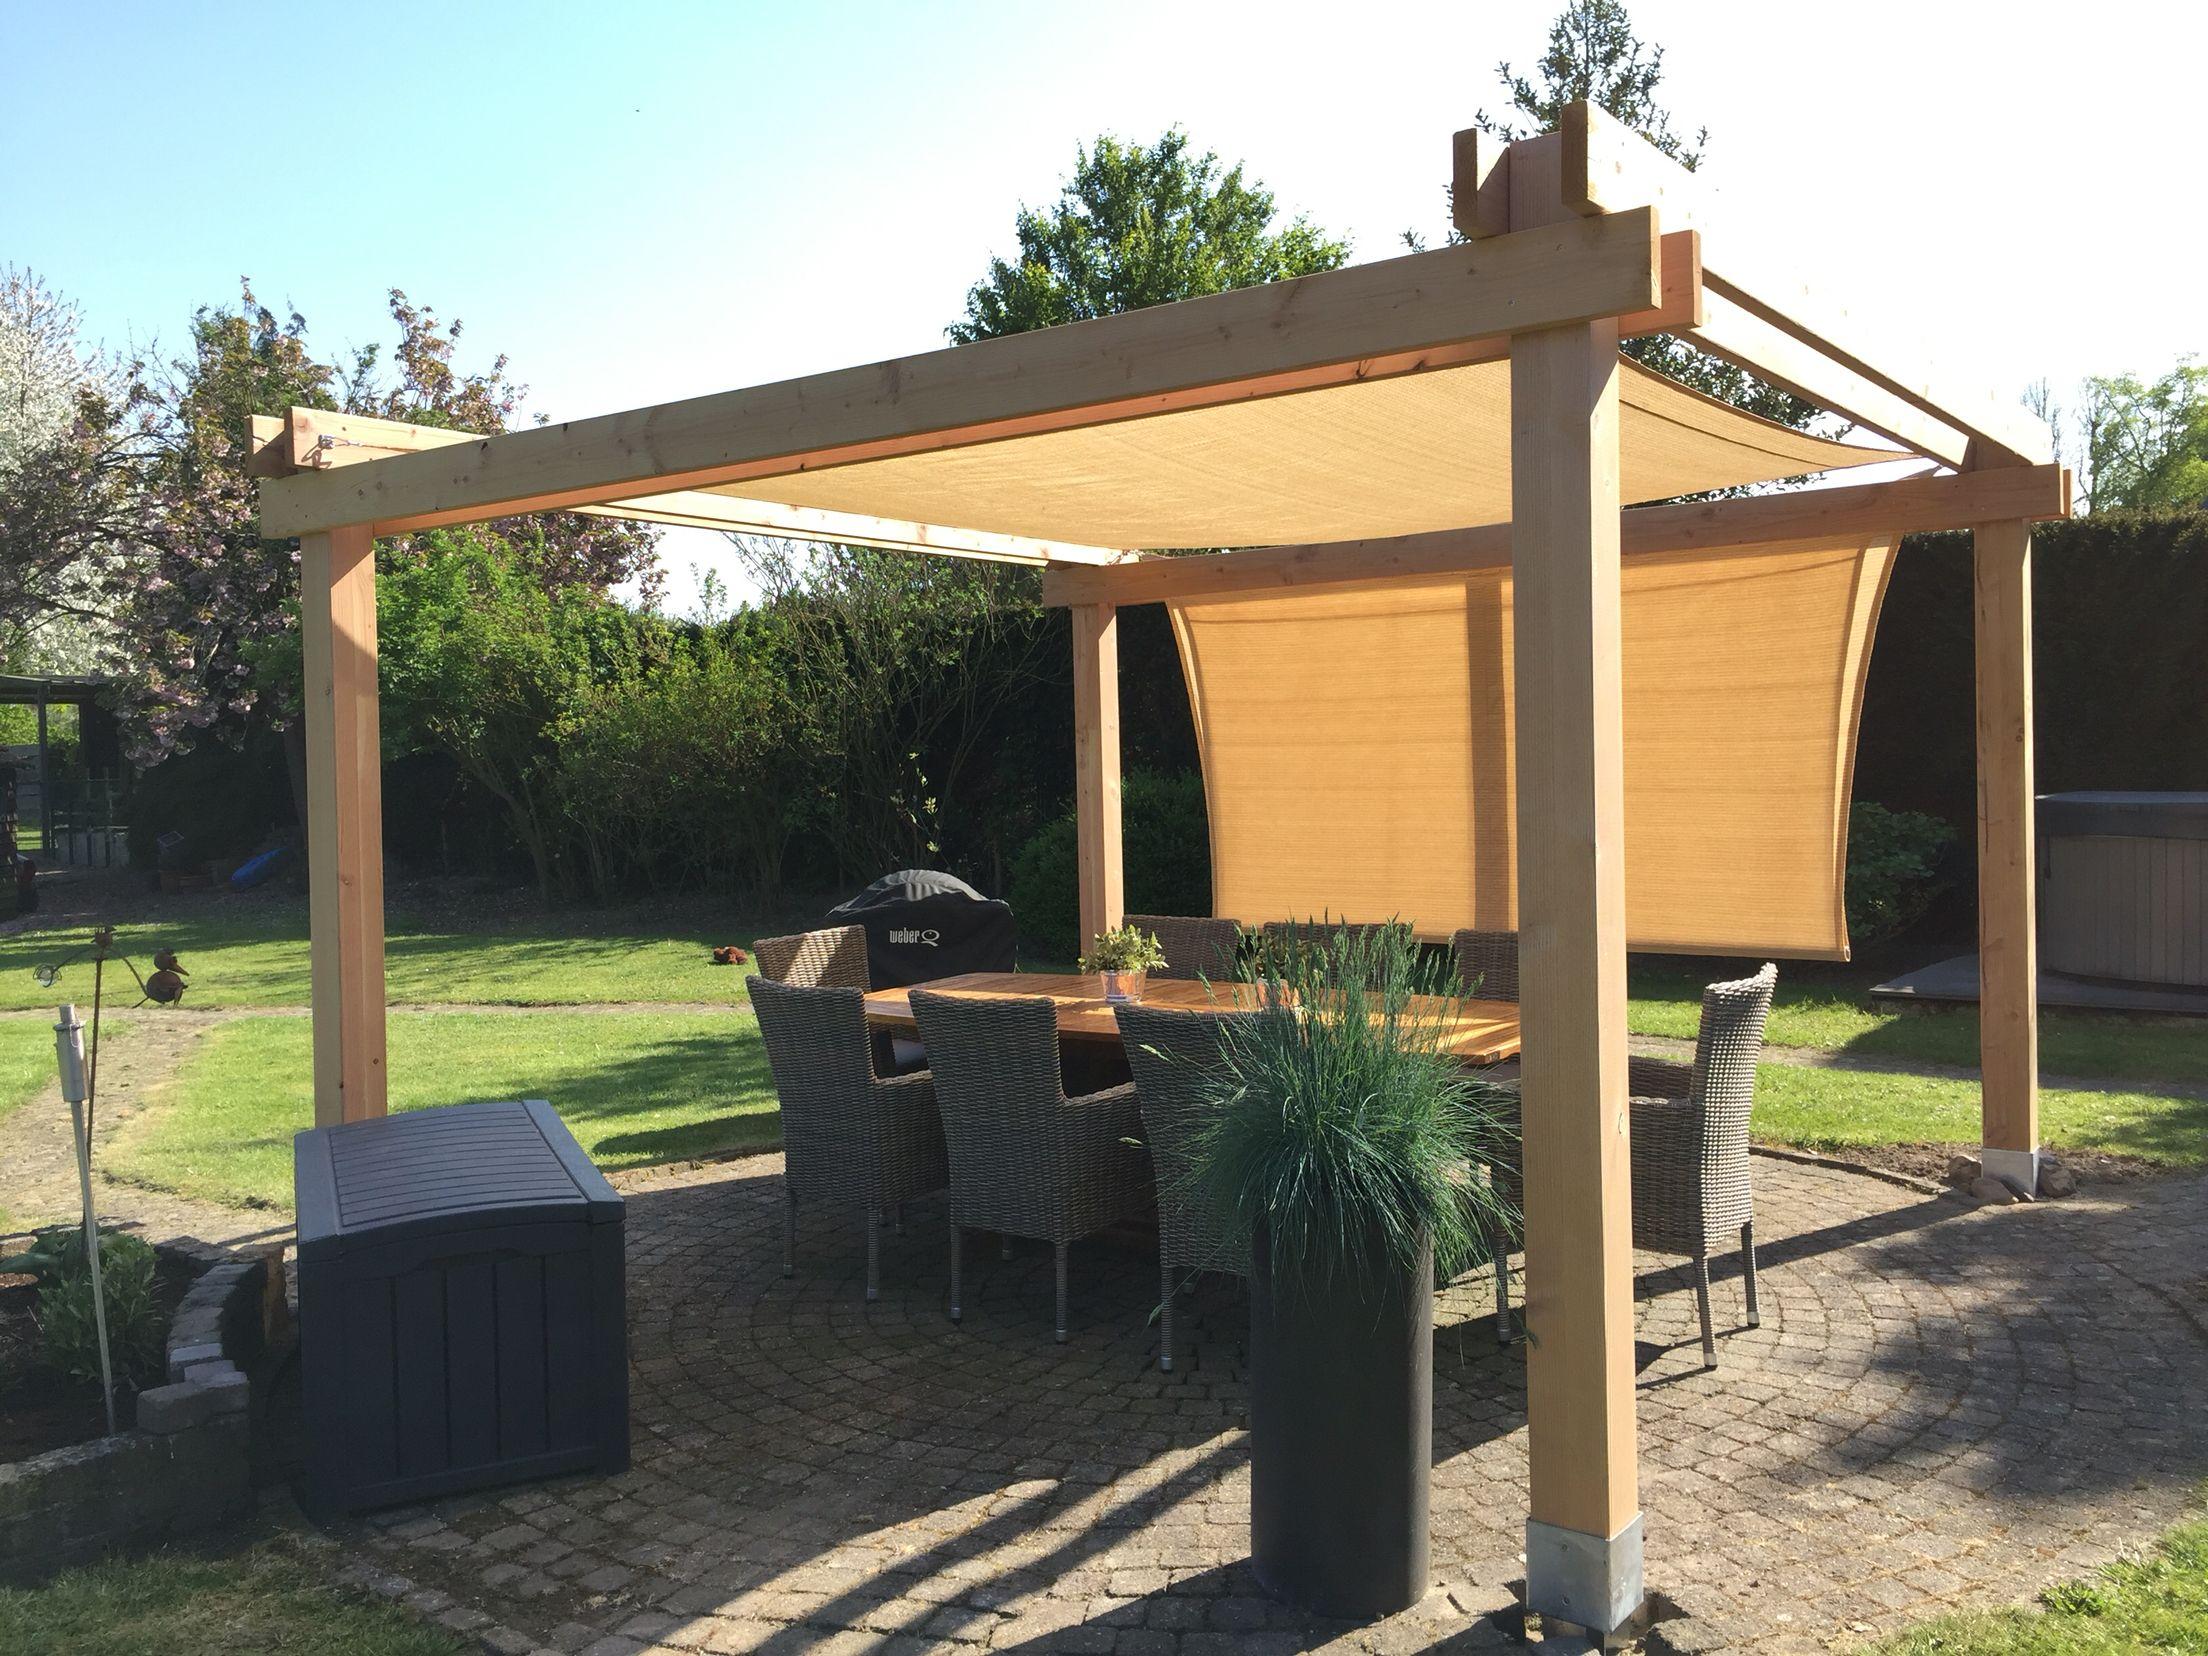 Diy paviljoen pergola schaduwdoek terrasoverkapping met zonnedoek zelf maken outdoor - Dak van pergola ...